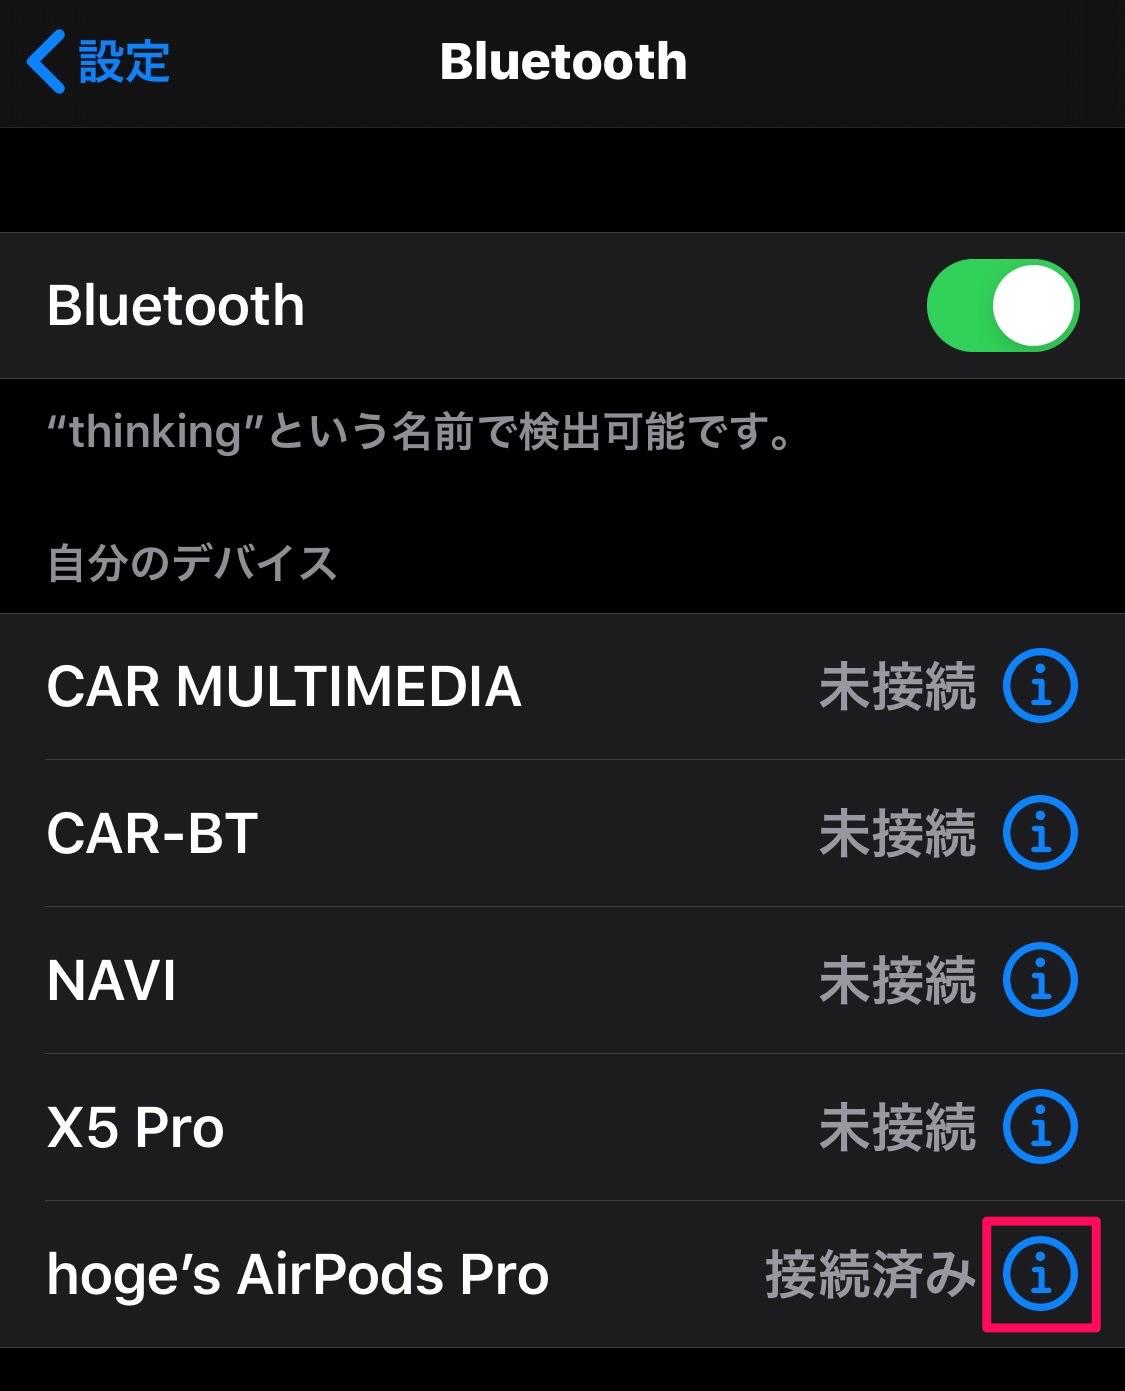 Bluetooth画面に表示されたAirPods Pro